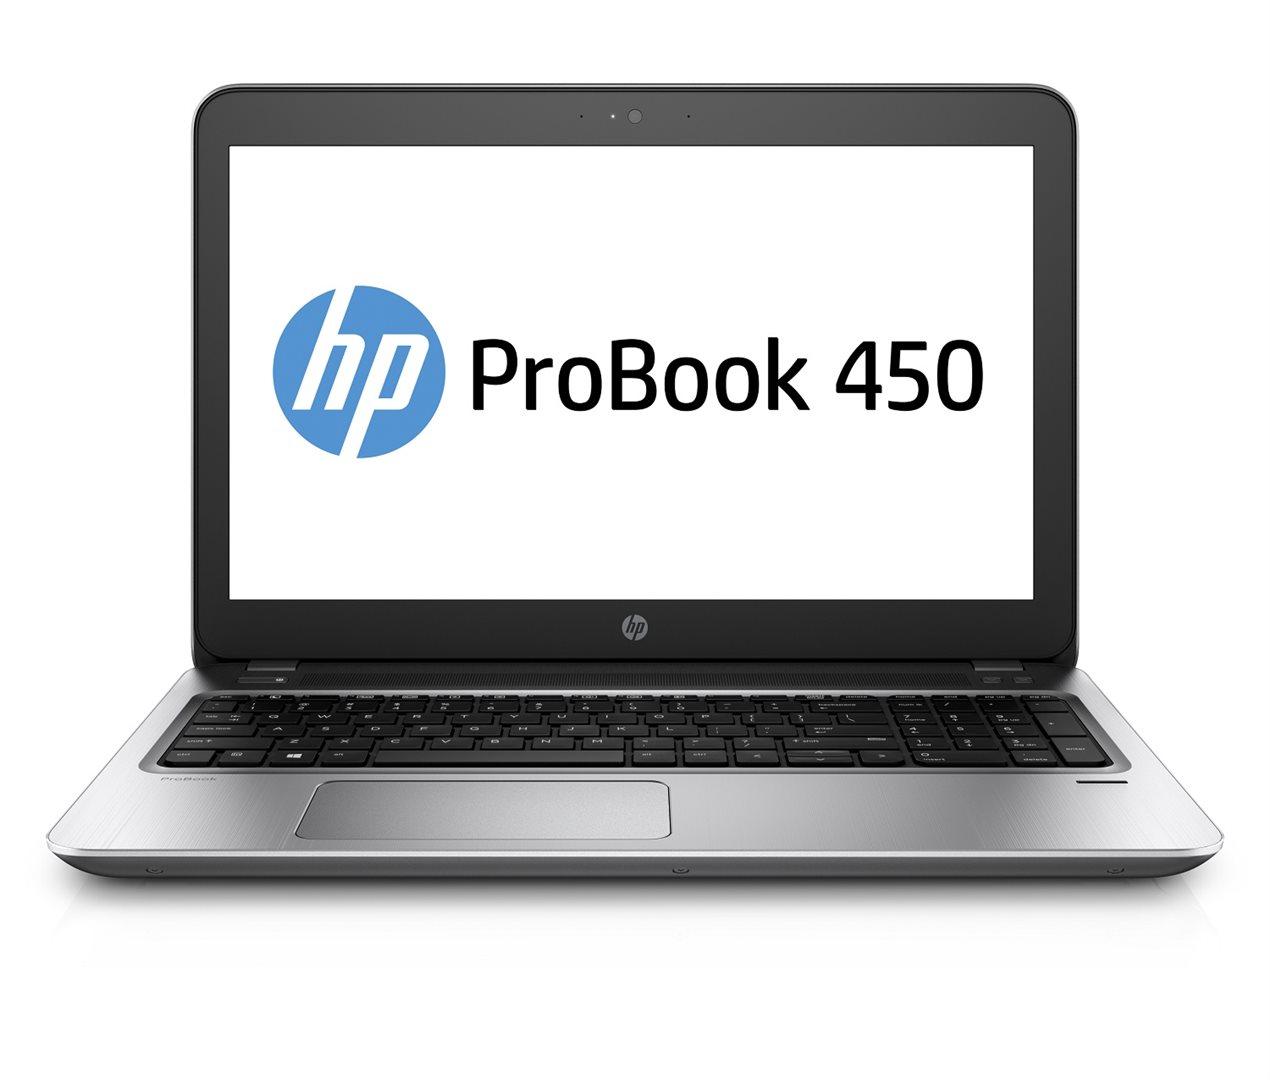 HP ProBook - e-shop M-SOFT, spol. s r.o. Jihlava